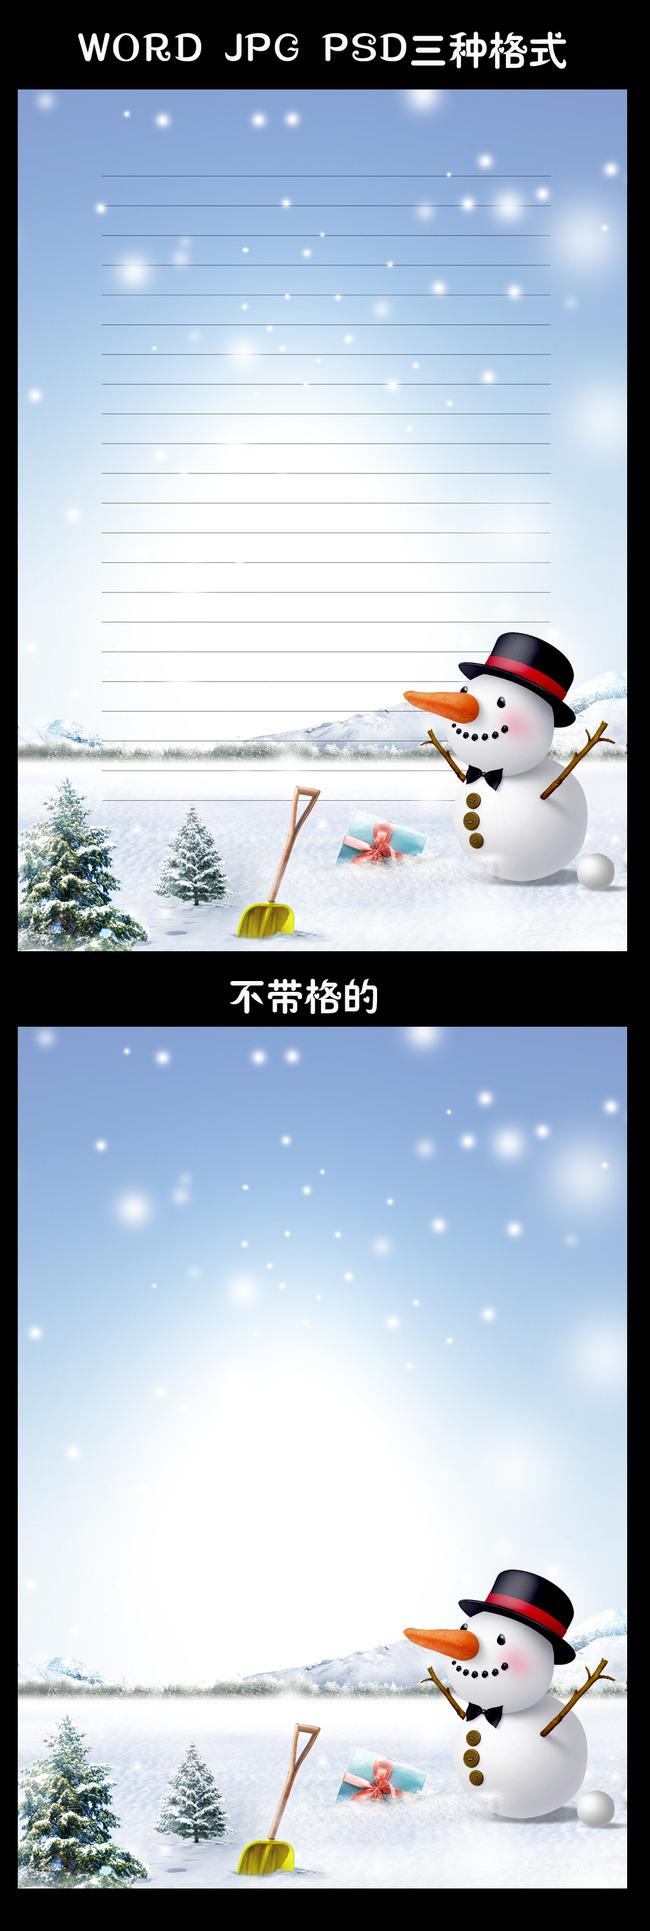 便签 信纸模板 信纸设计 信纸底纹 信纸素材 情侣信纸背景 冬 圣诞节图片